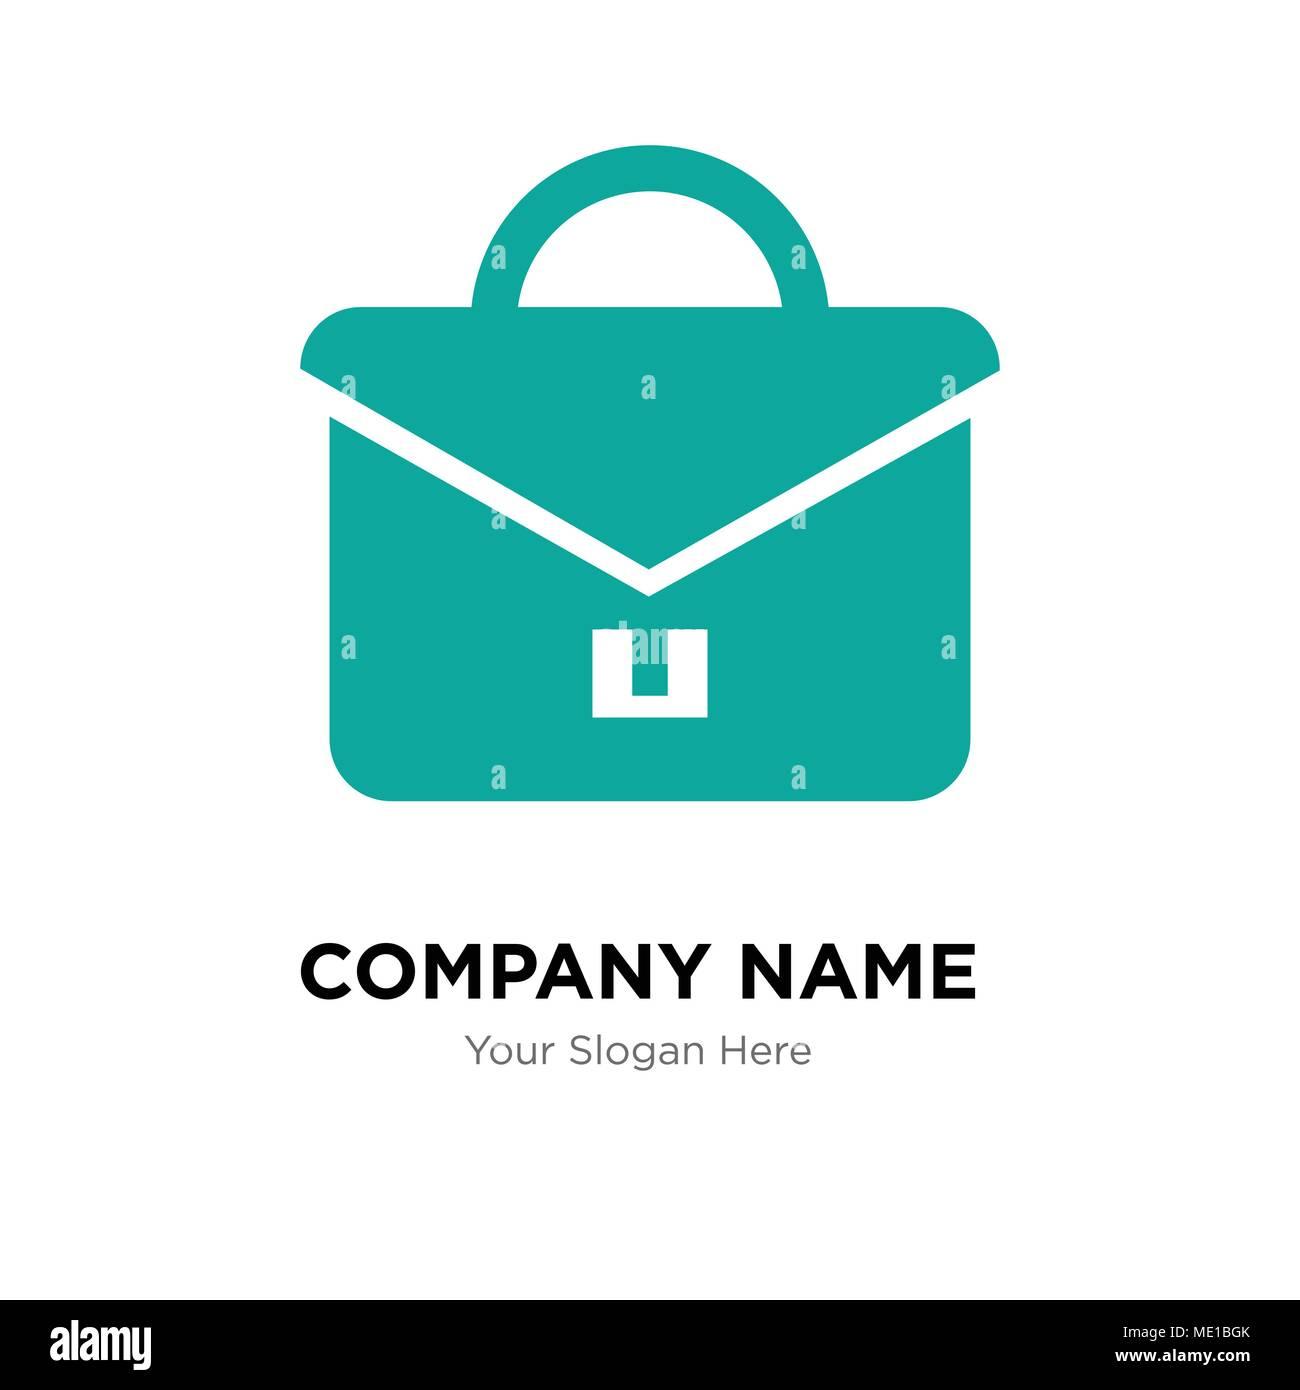 Portfolio company logo design template business corporate vector portfolio company logo design template business corporate vector icon accmission Images